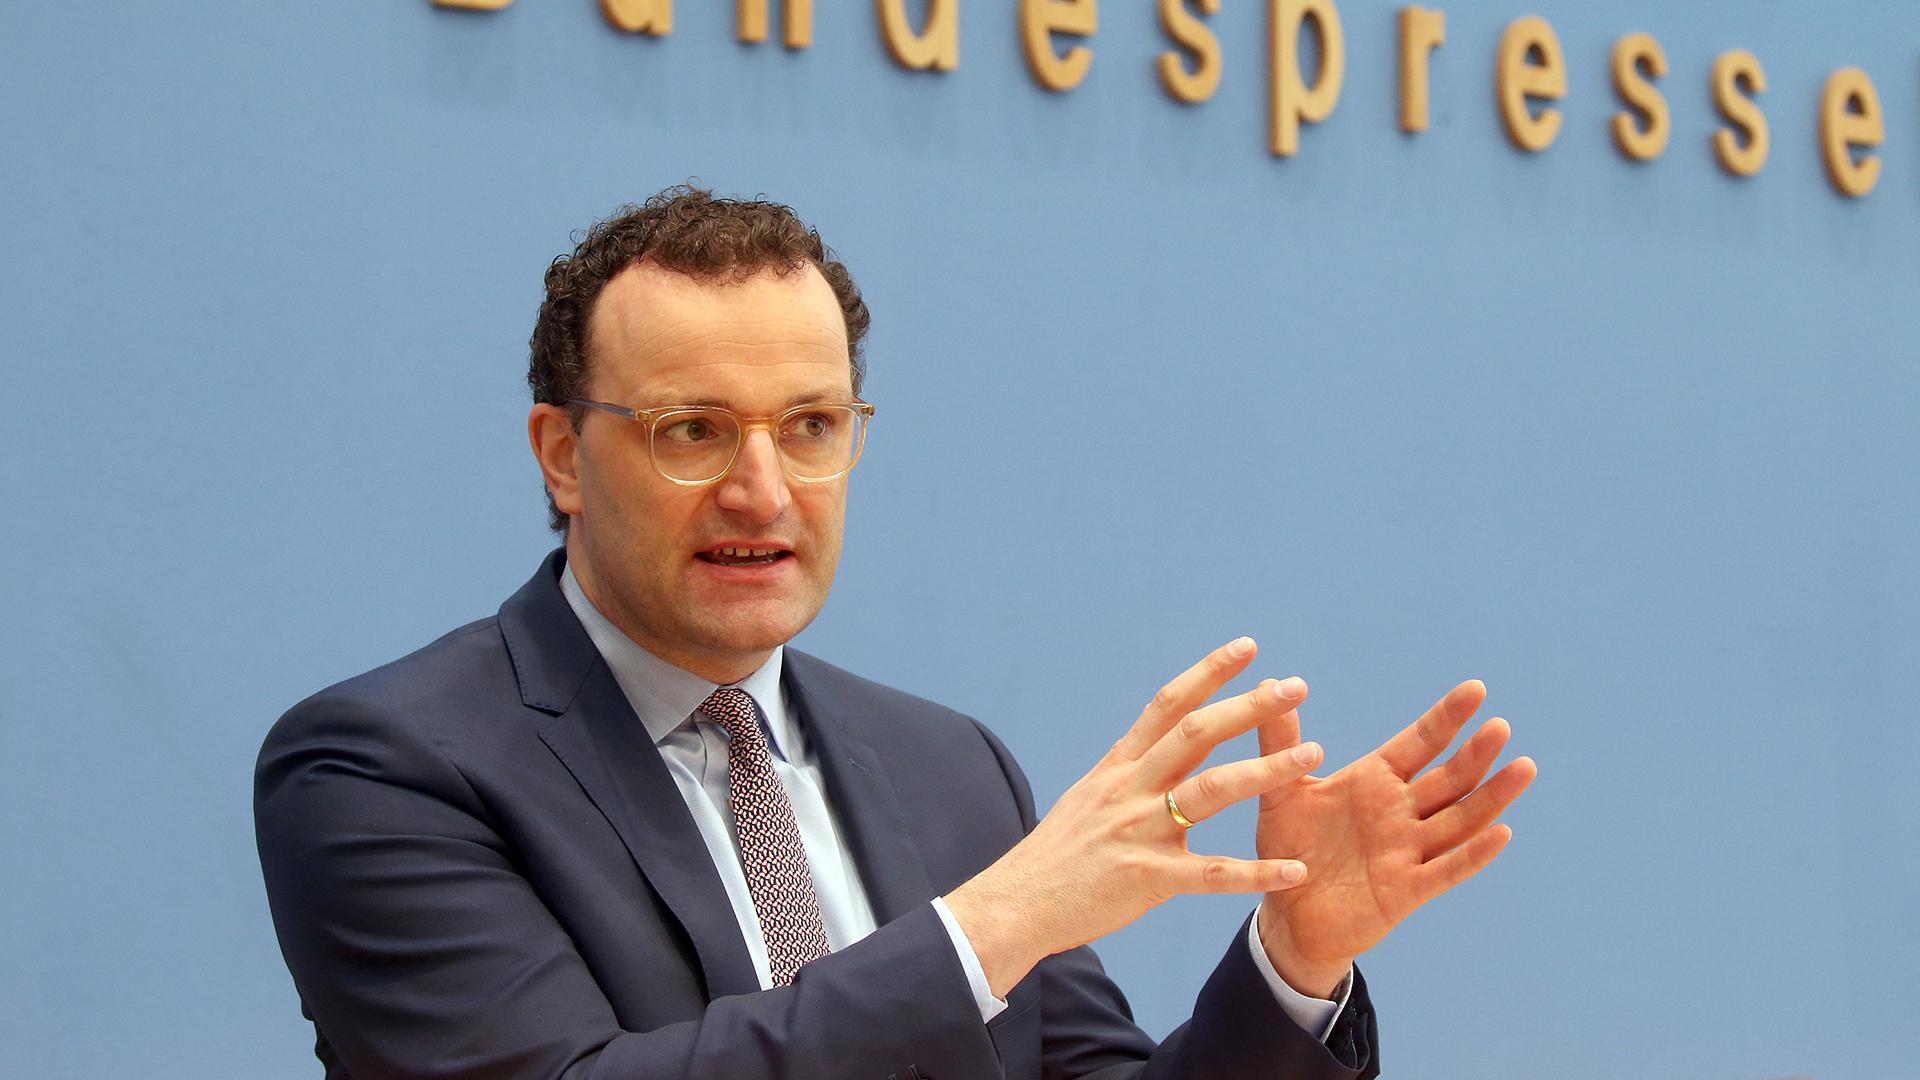 26.02.2021, Berlin: Jens Spahn (CDU), Bundesgesundheitsminister, beantwortet vor der Bundespressekonferenz Fragen von Journalisten zur Corona-Lage.